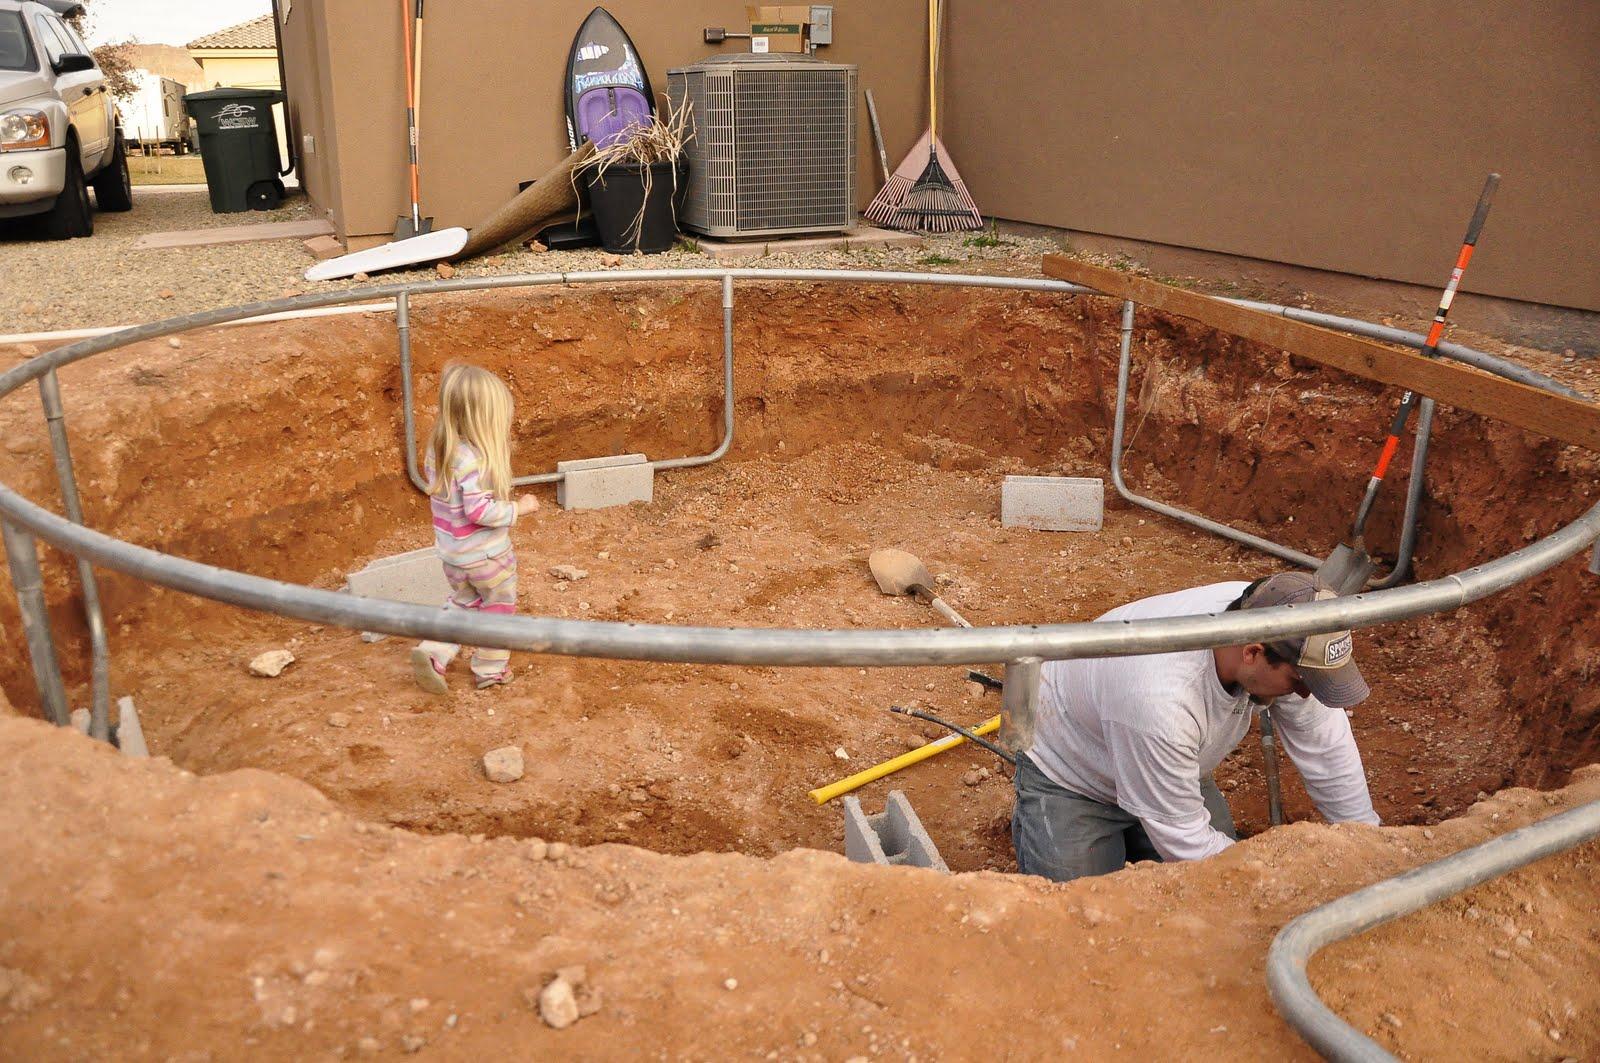 como enterrar una cama elástica